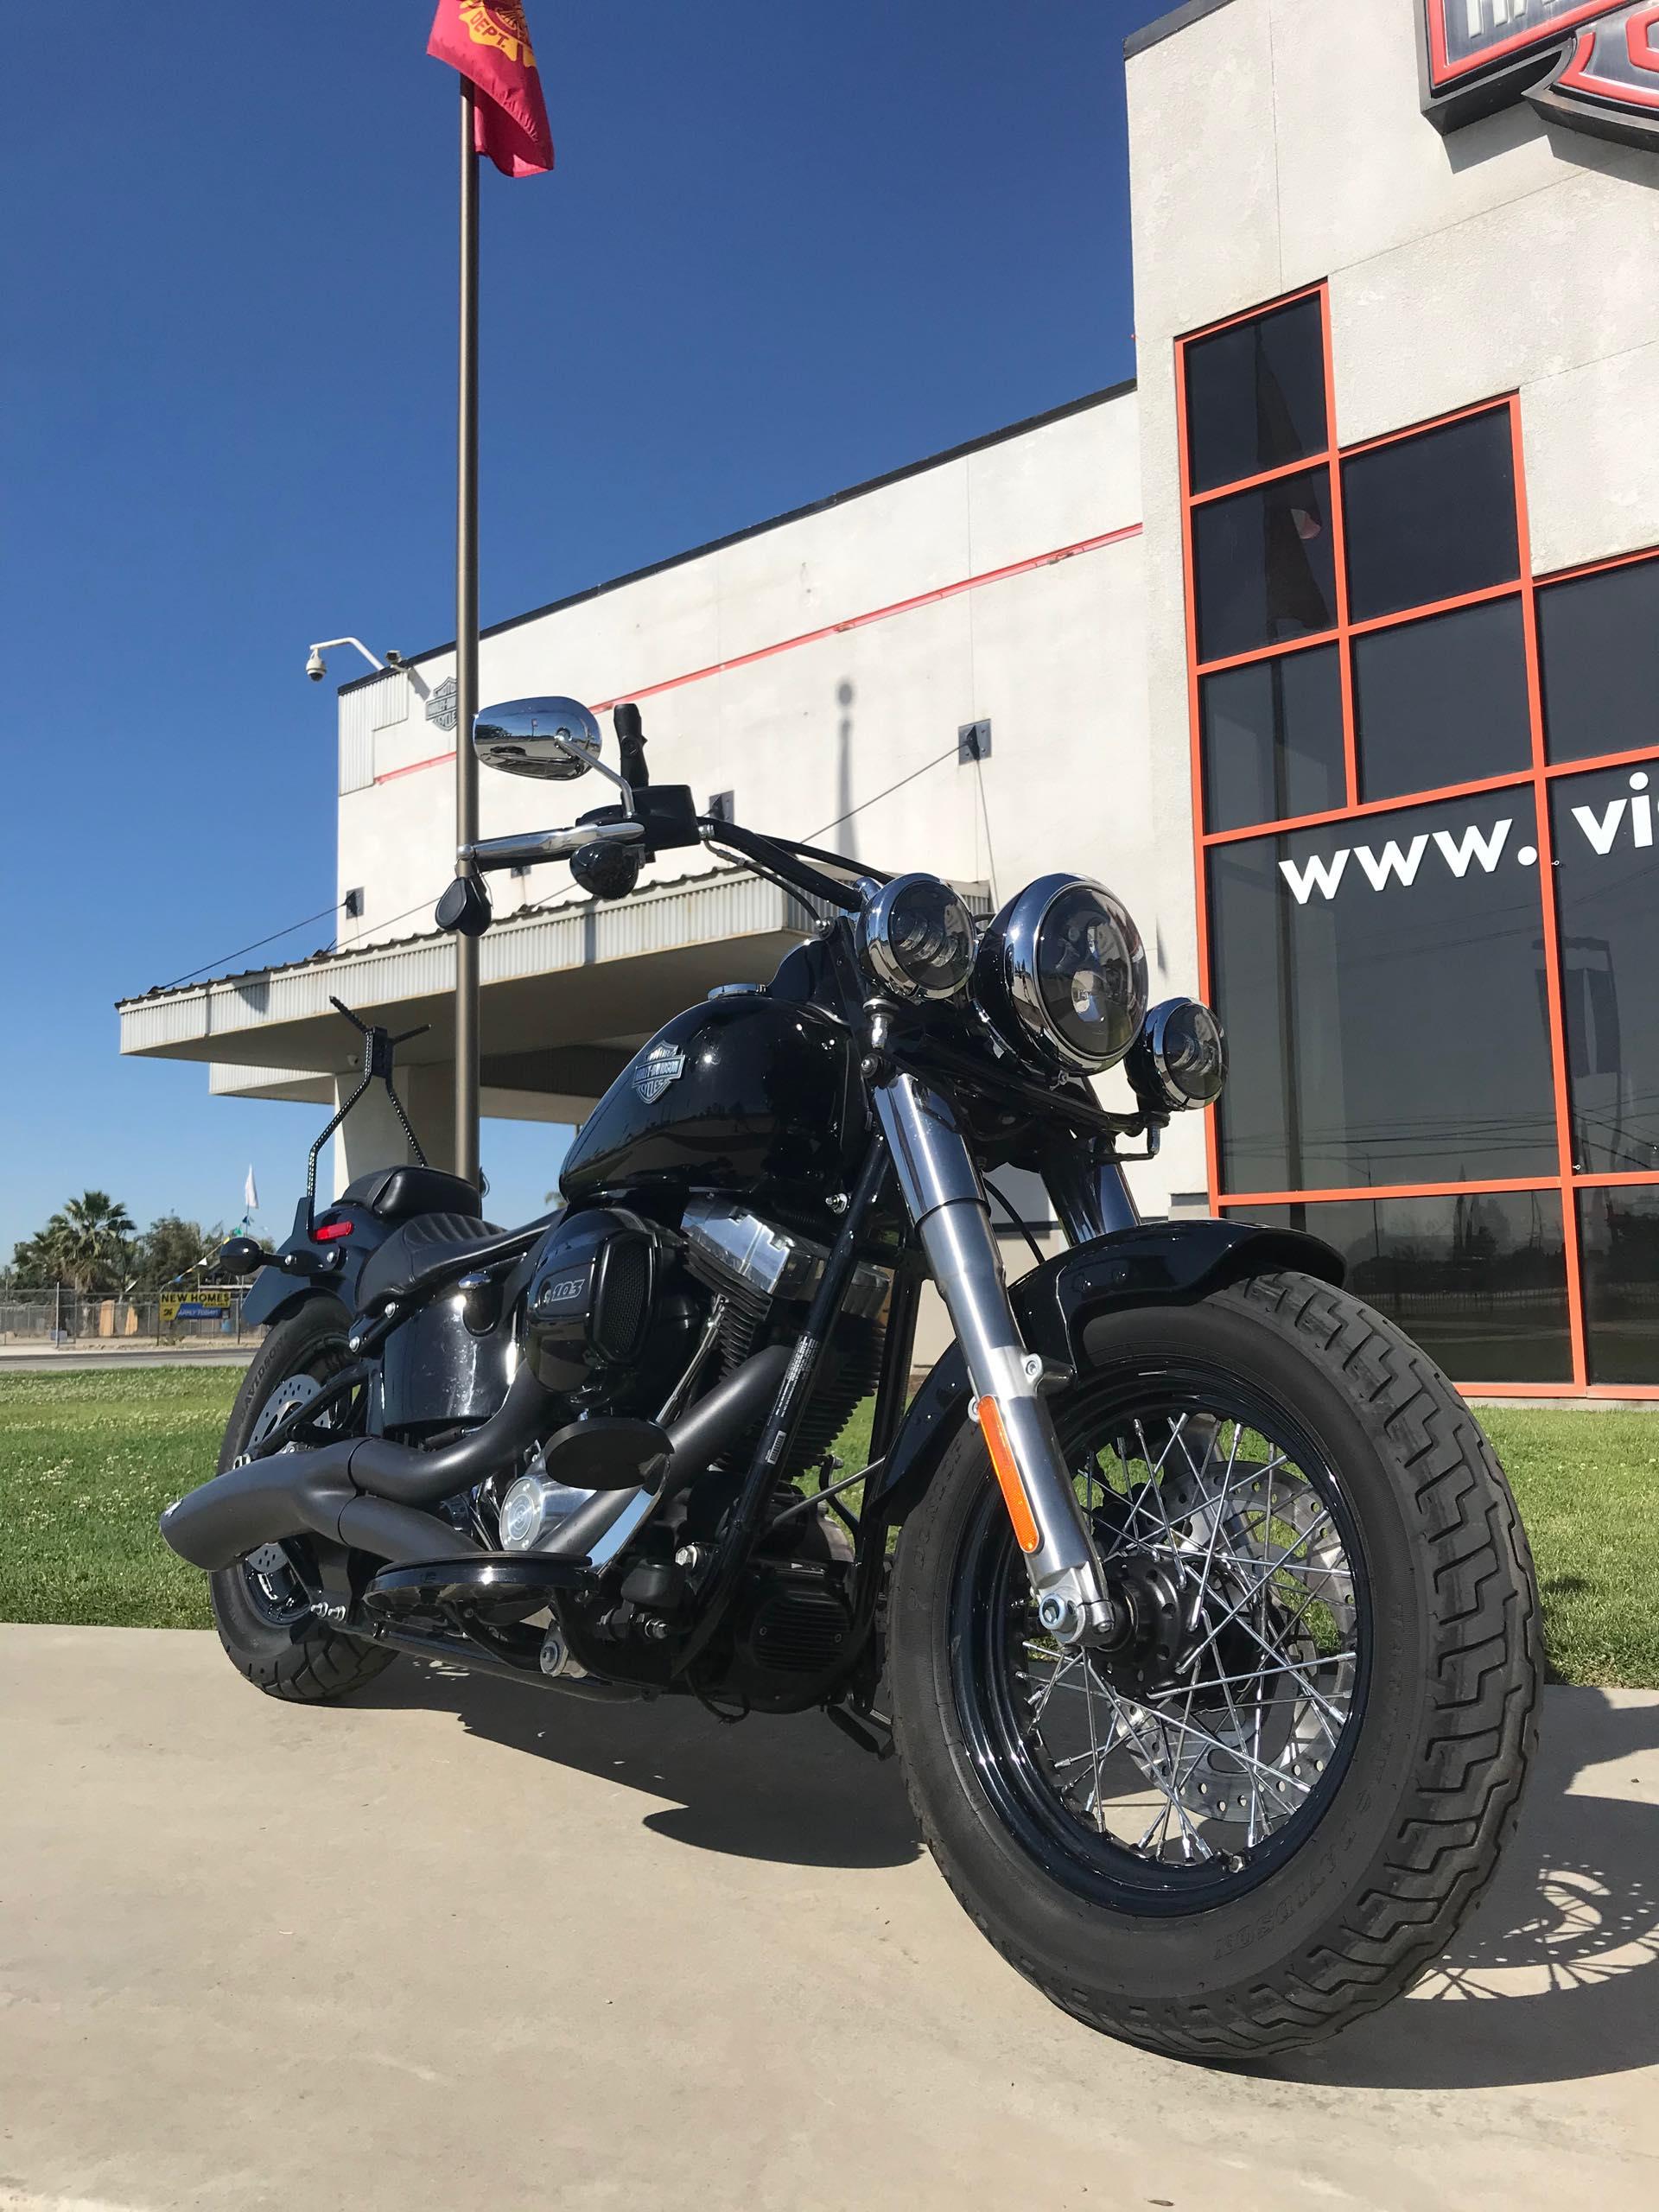 2017 Harley-Davidson Softail Slim at Visalia Harley-Davidson